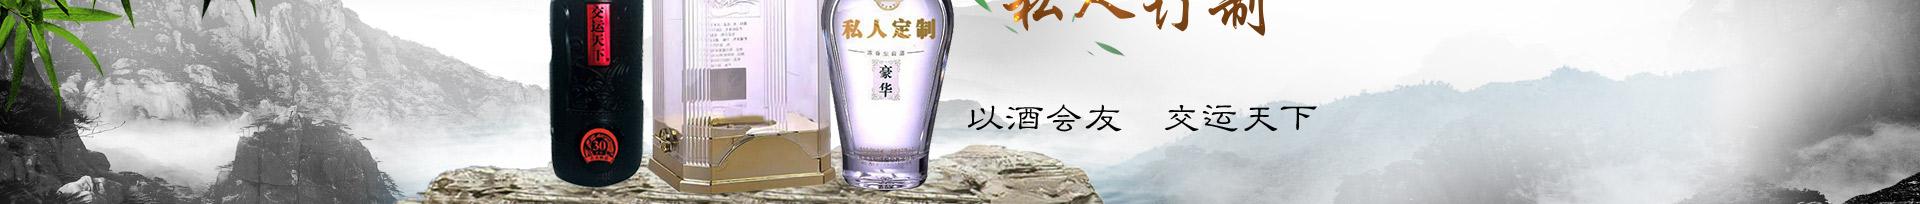 安徽古井镇高曲酒业有限公司